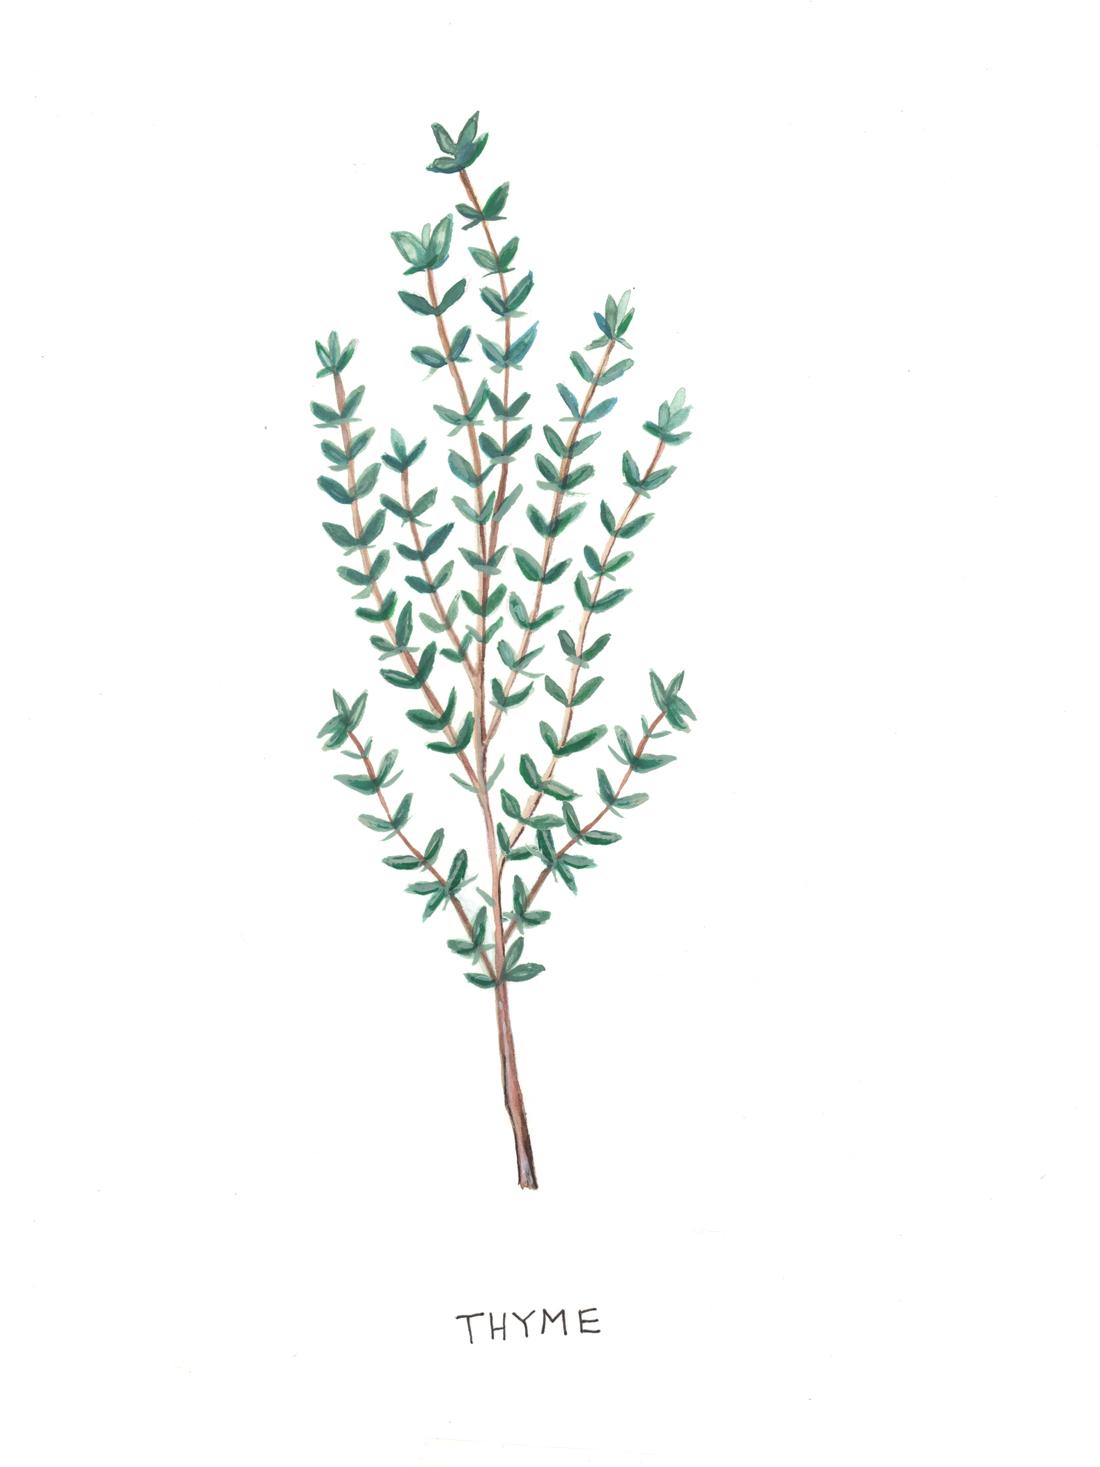 Thyme Botanical Illustration